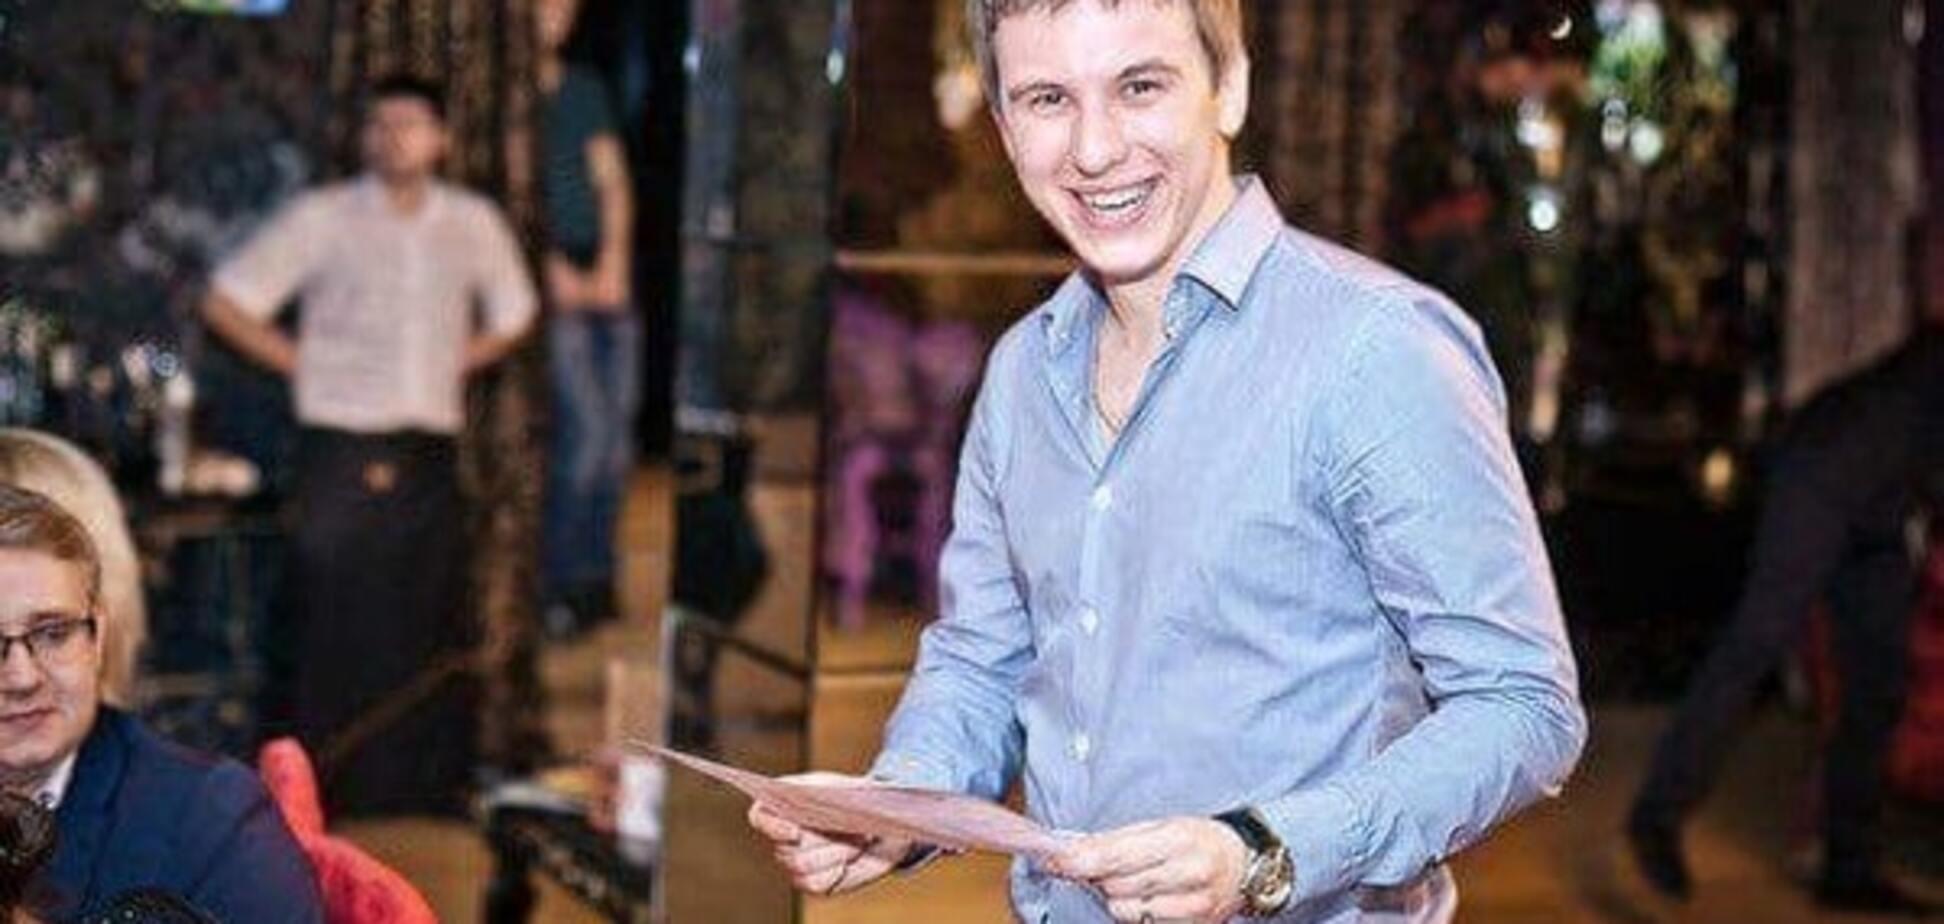 Зниклий водій BlaBlaCar виявився секретарем львівського суду - ЗМІ